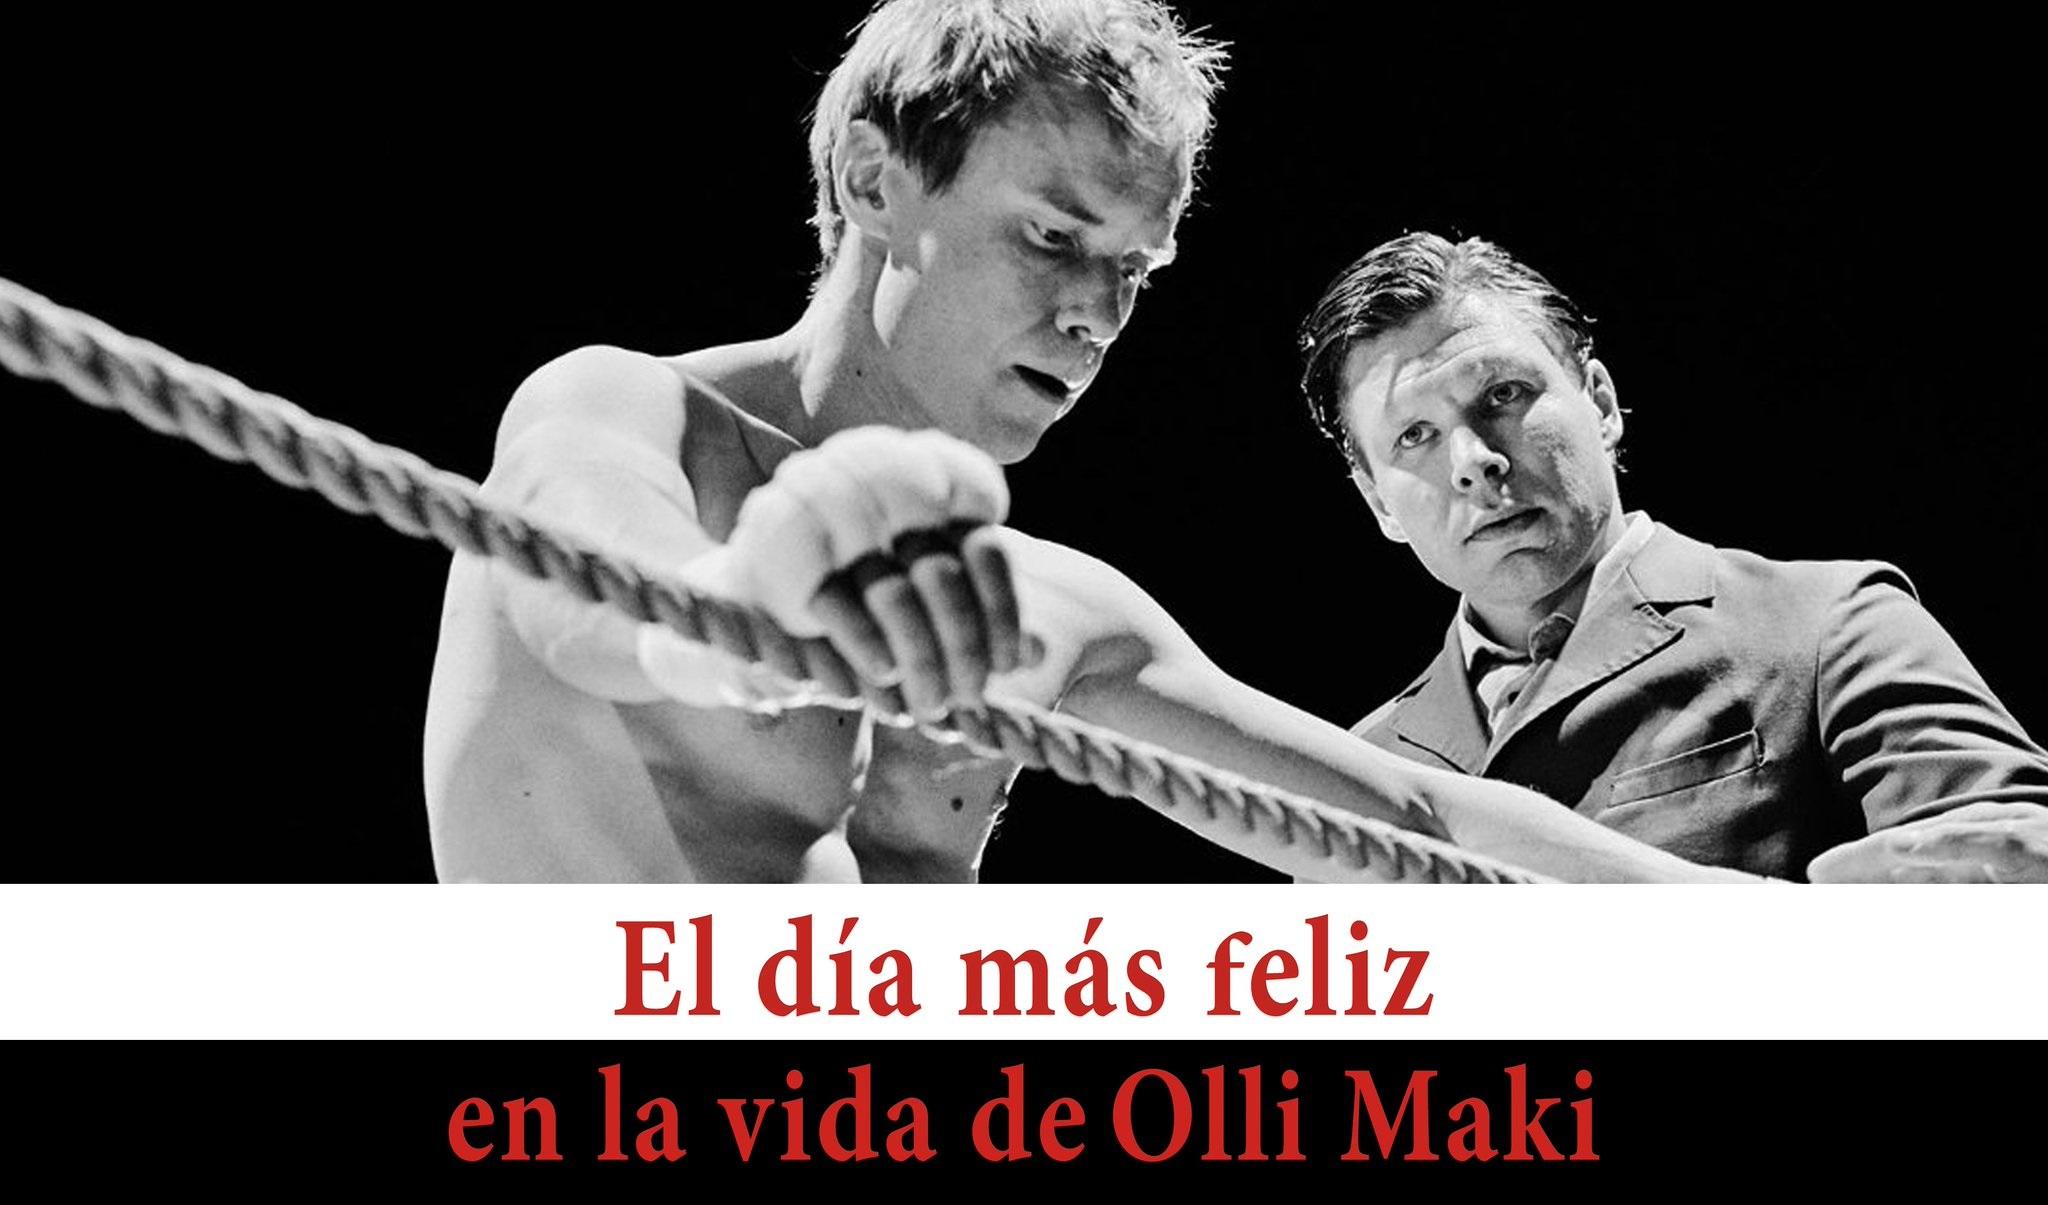 El dia mas feliz en la vida de Olli Maki 2